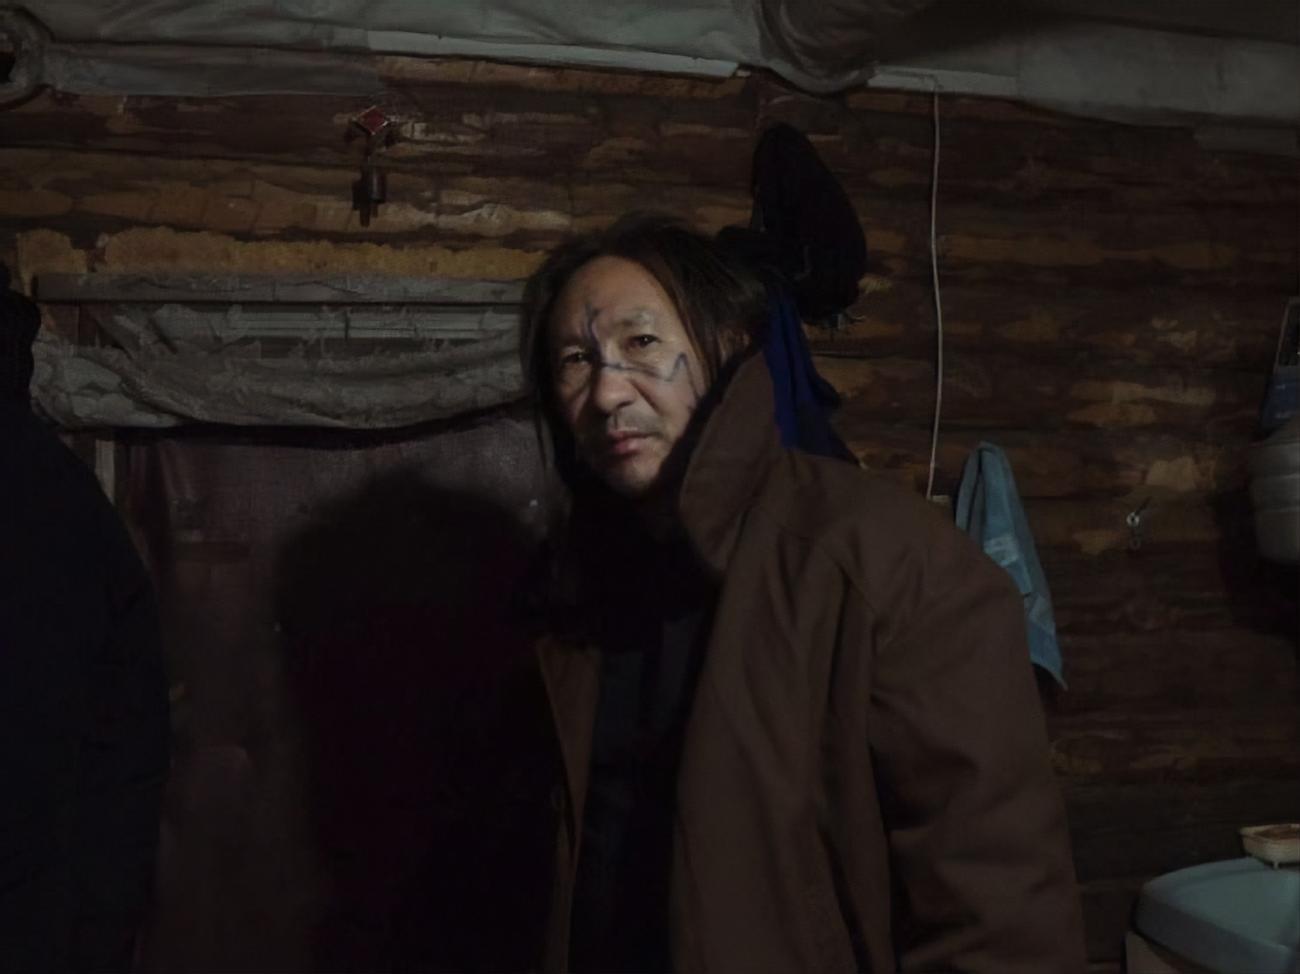 """Якутського шамана, який знову пішов """"виганяти"""" Путіна і якого затримали, відпустили під підписку про невиїзд"""